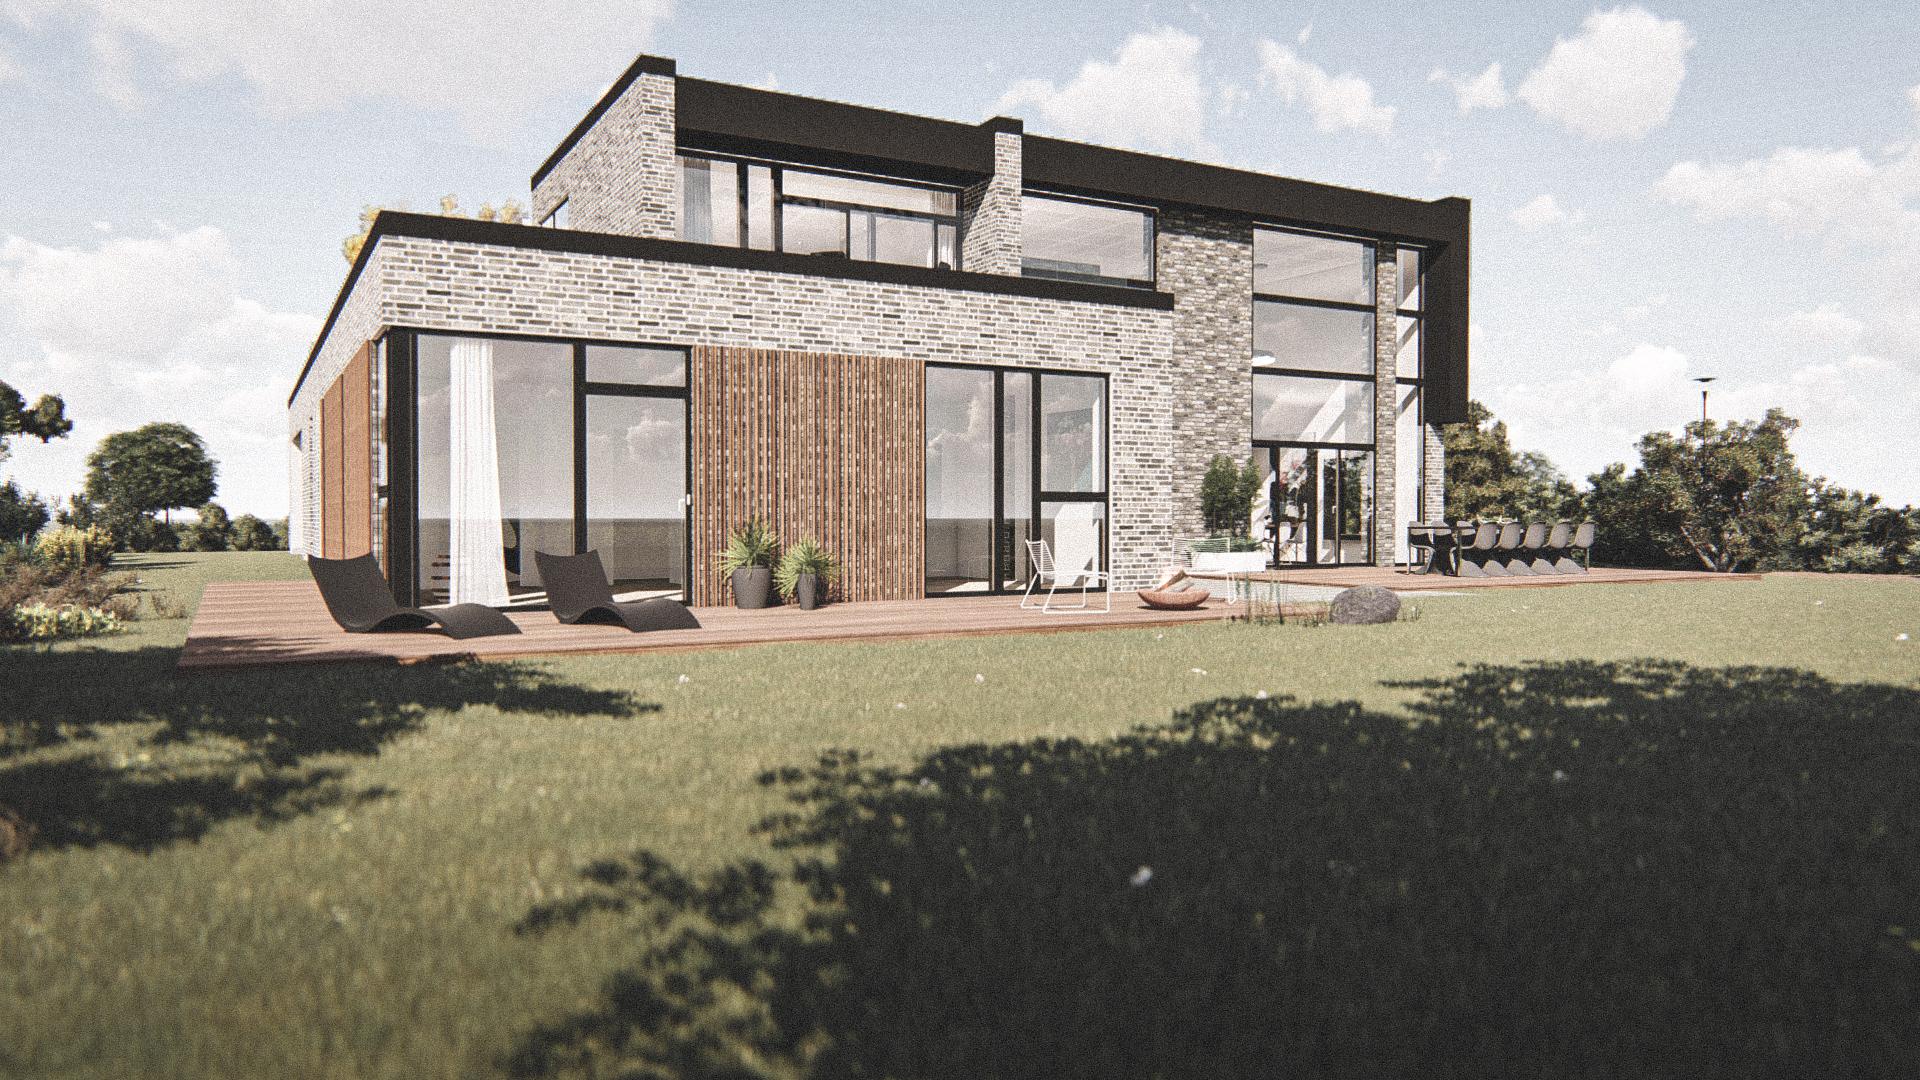 Billede af Dansk arkitekttegnet 2 plan villa af arkitektfirmaet m2plus, i Odder på 286 kvartratmeter.